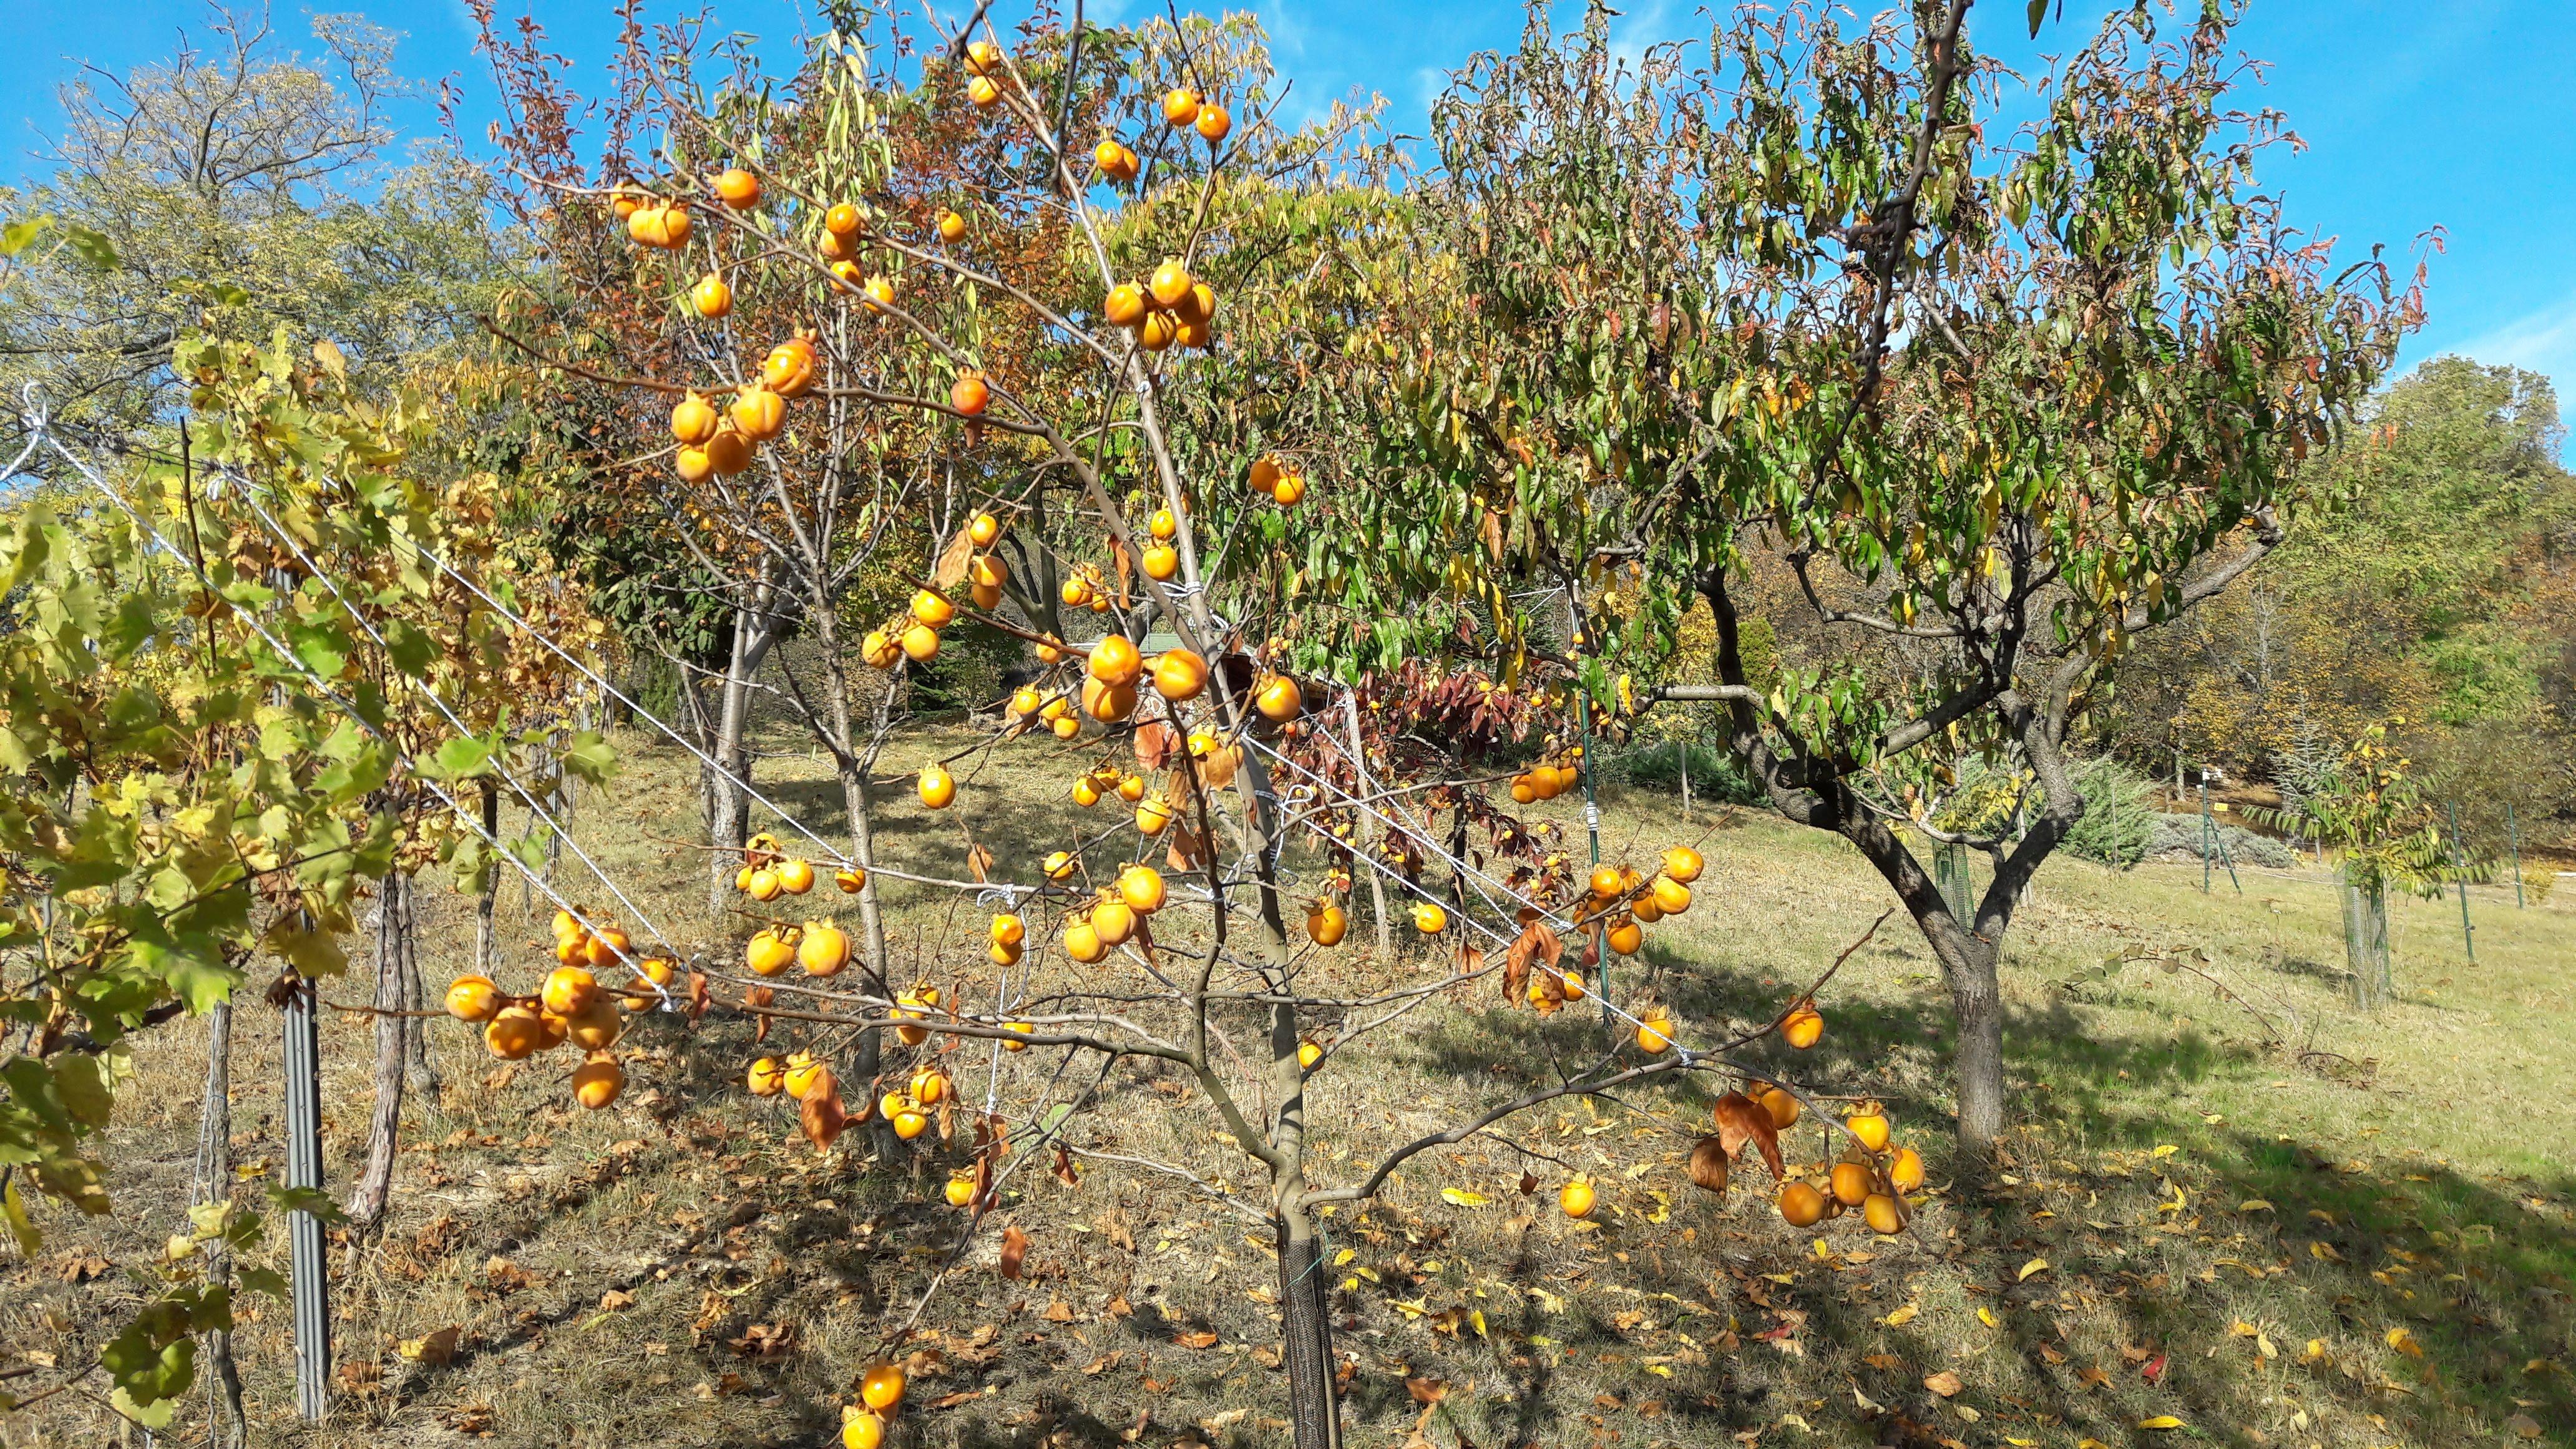 2019.10.22. 'Diospyros kaki Costata' érésben, levelét már eldobta, gyümölcsök száma kicsivel 100 felett. Átmérő 5-7 cm. Szüret 1 hónap múlva. A fa a felvétel idején 6,5 éves, telepítve 2013 tavaszán, konténeres oltványként.